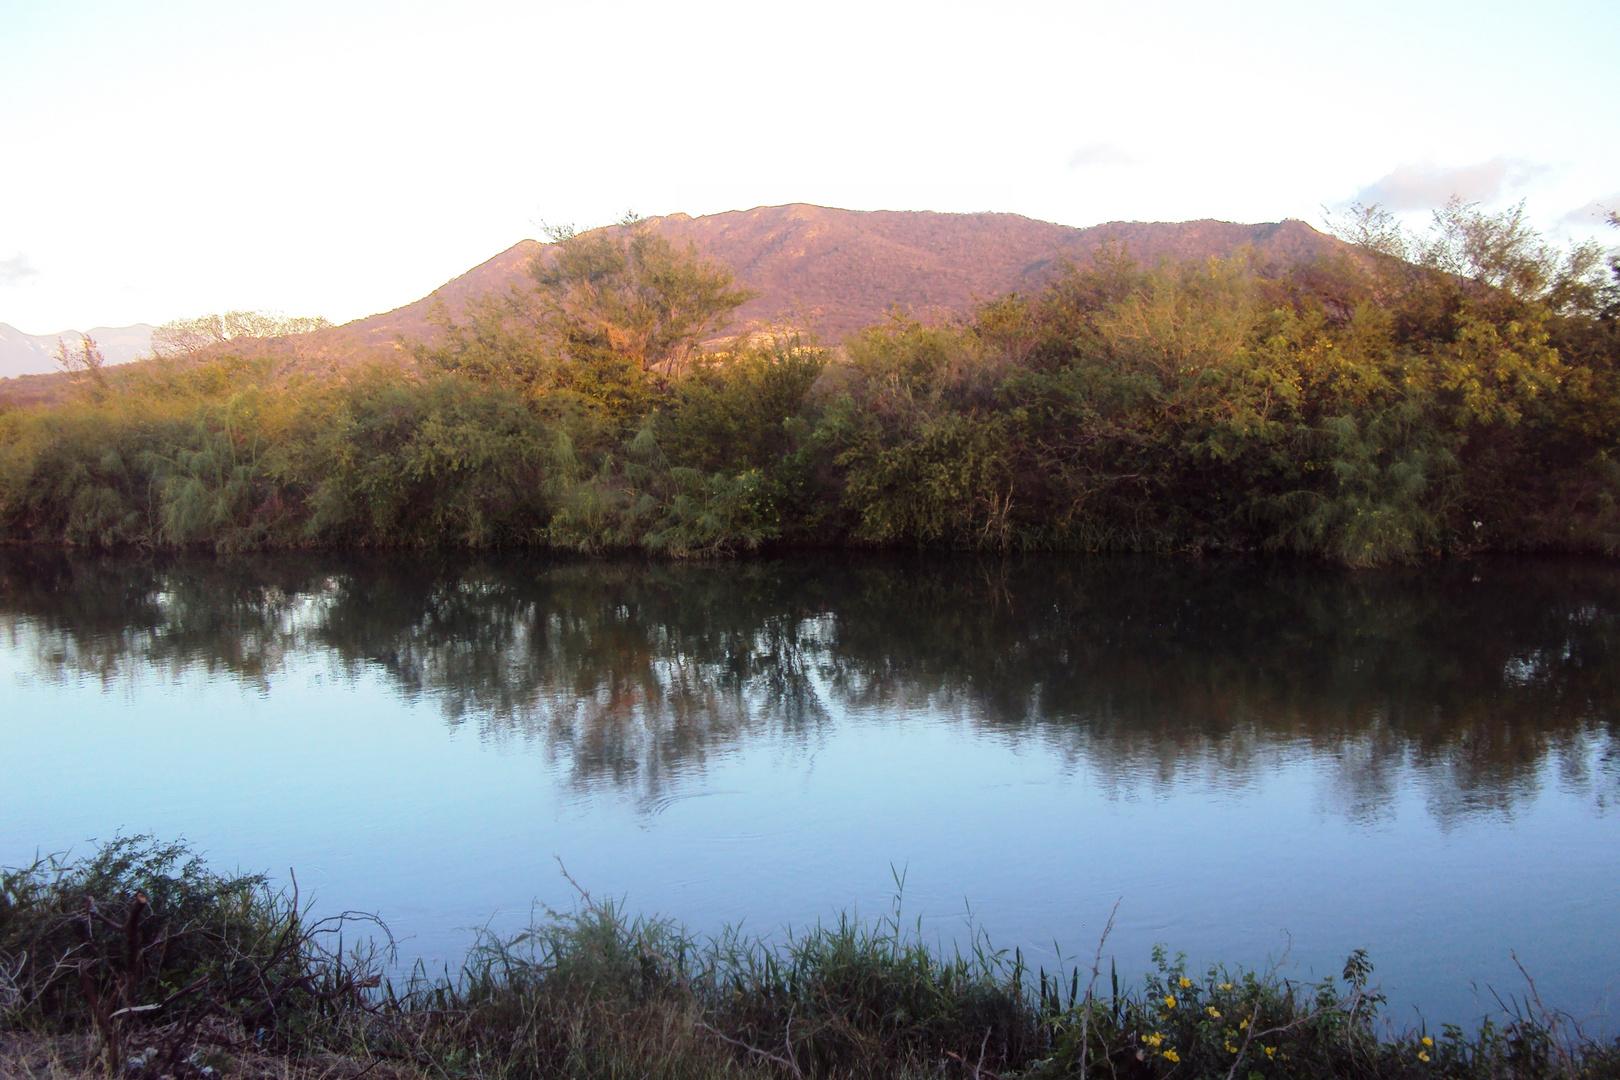 cerro blanco y canal principal de riego